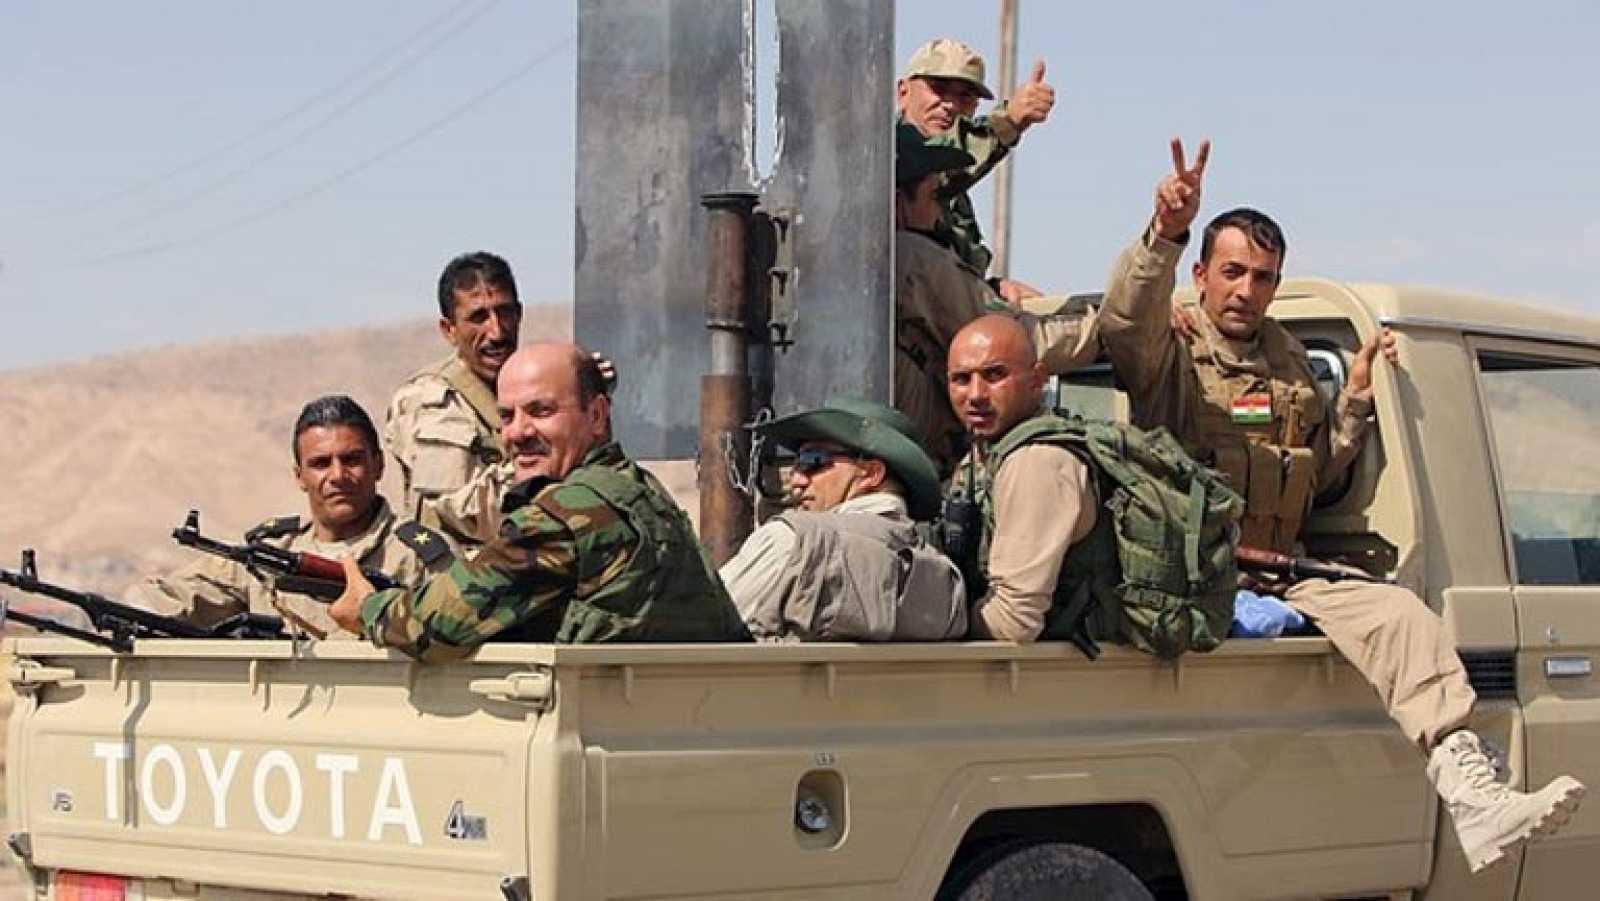 Los kurdos retoman la presa de Mosul, según Bagdad